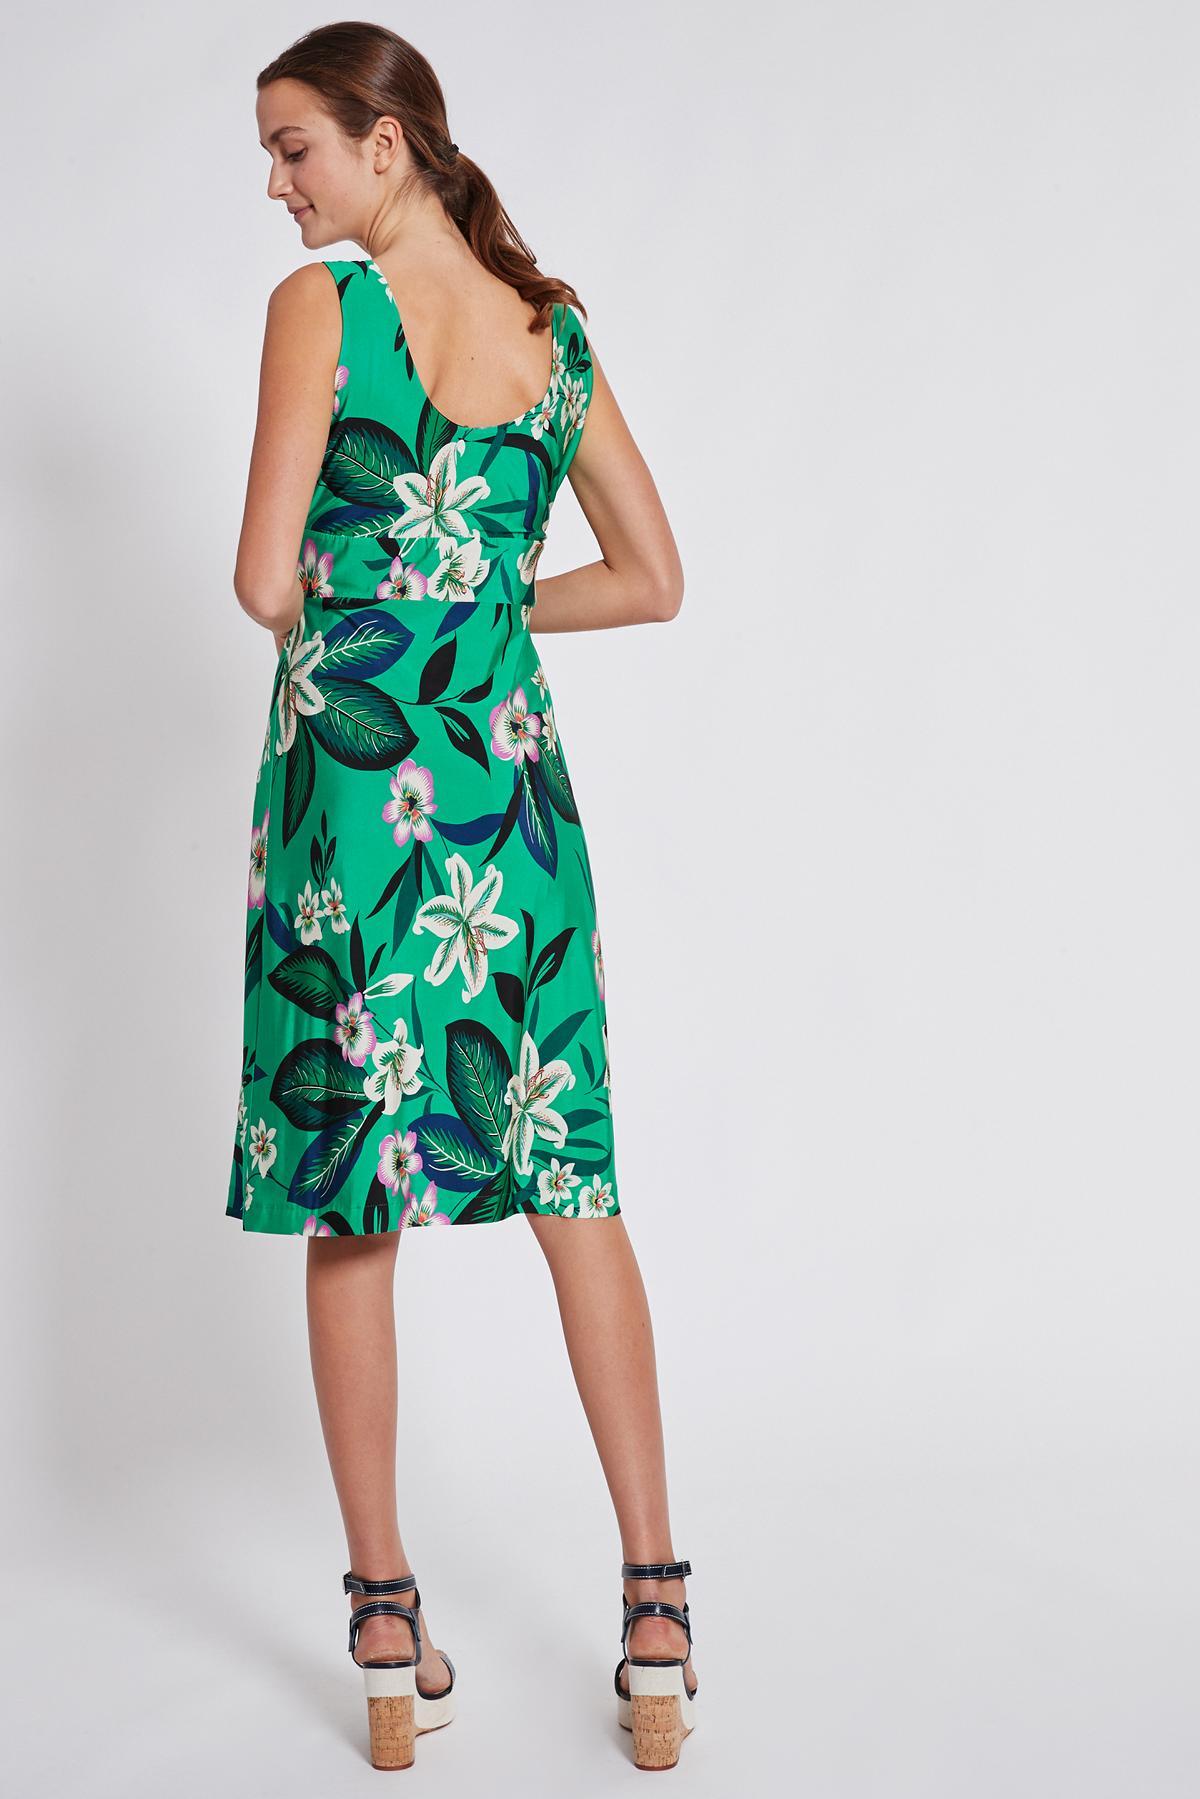 Rückansicht von Ana Alcazar Tailliertes Kleid Temonta  angezogen an Model